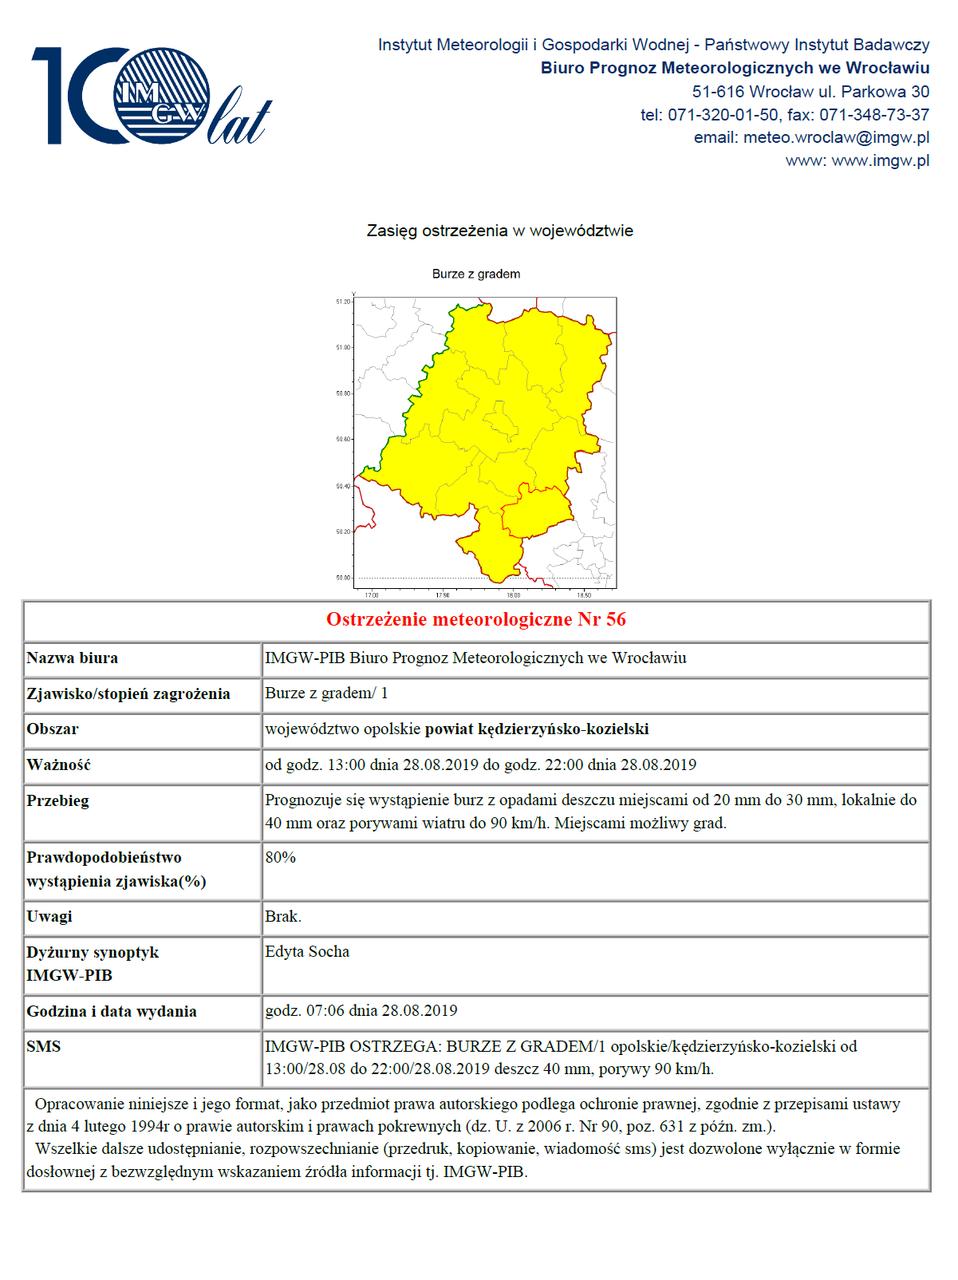 Ostrzeżenie meteorologiczne nr 56 z 28.08.2019.png